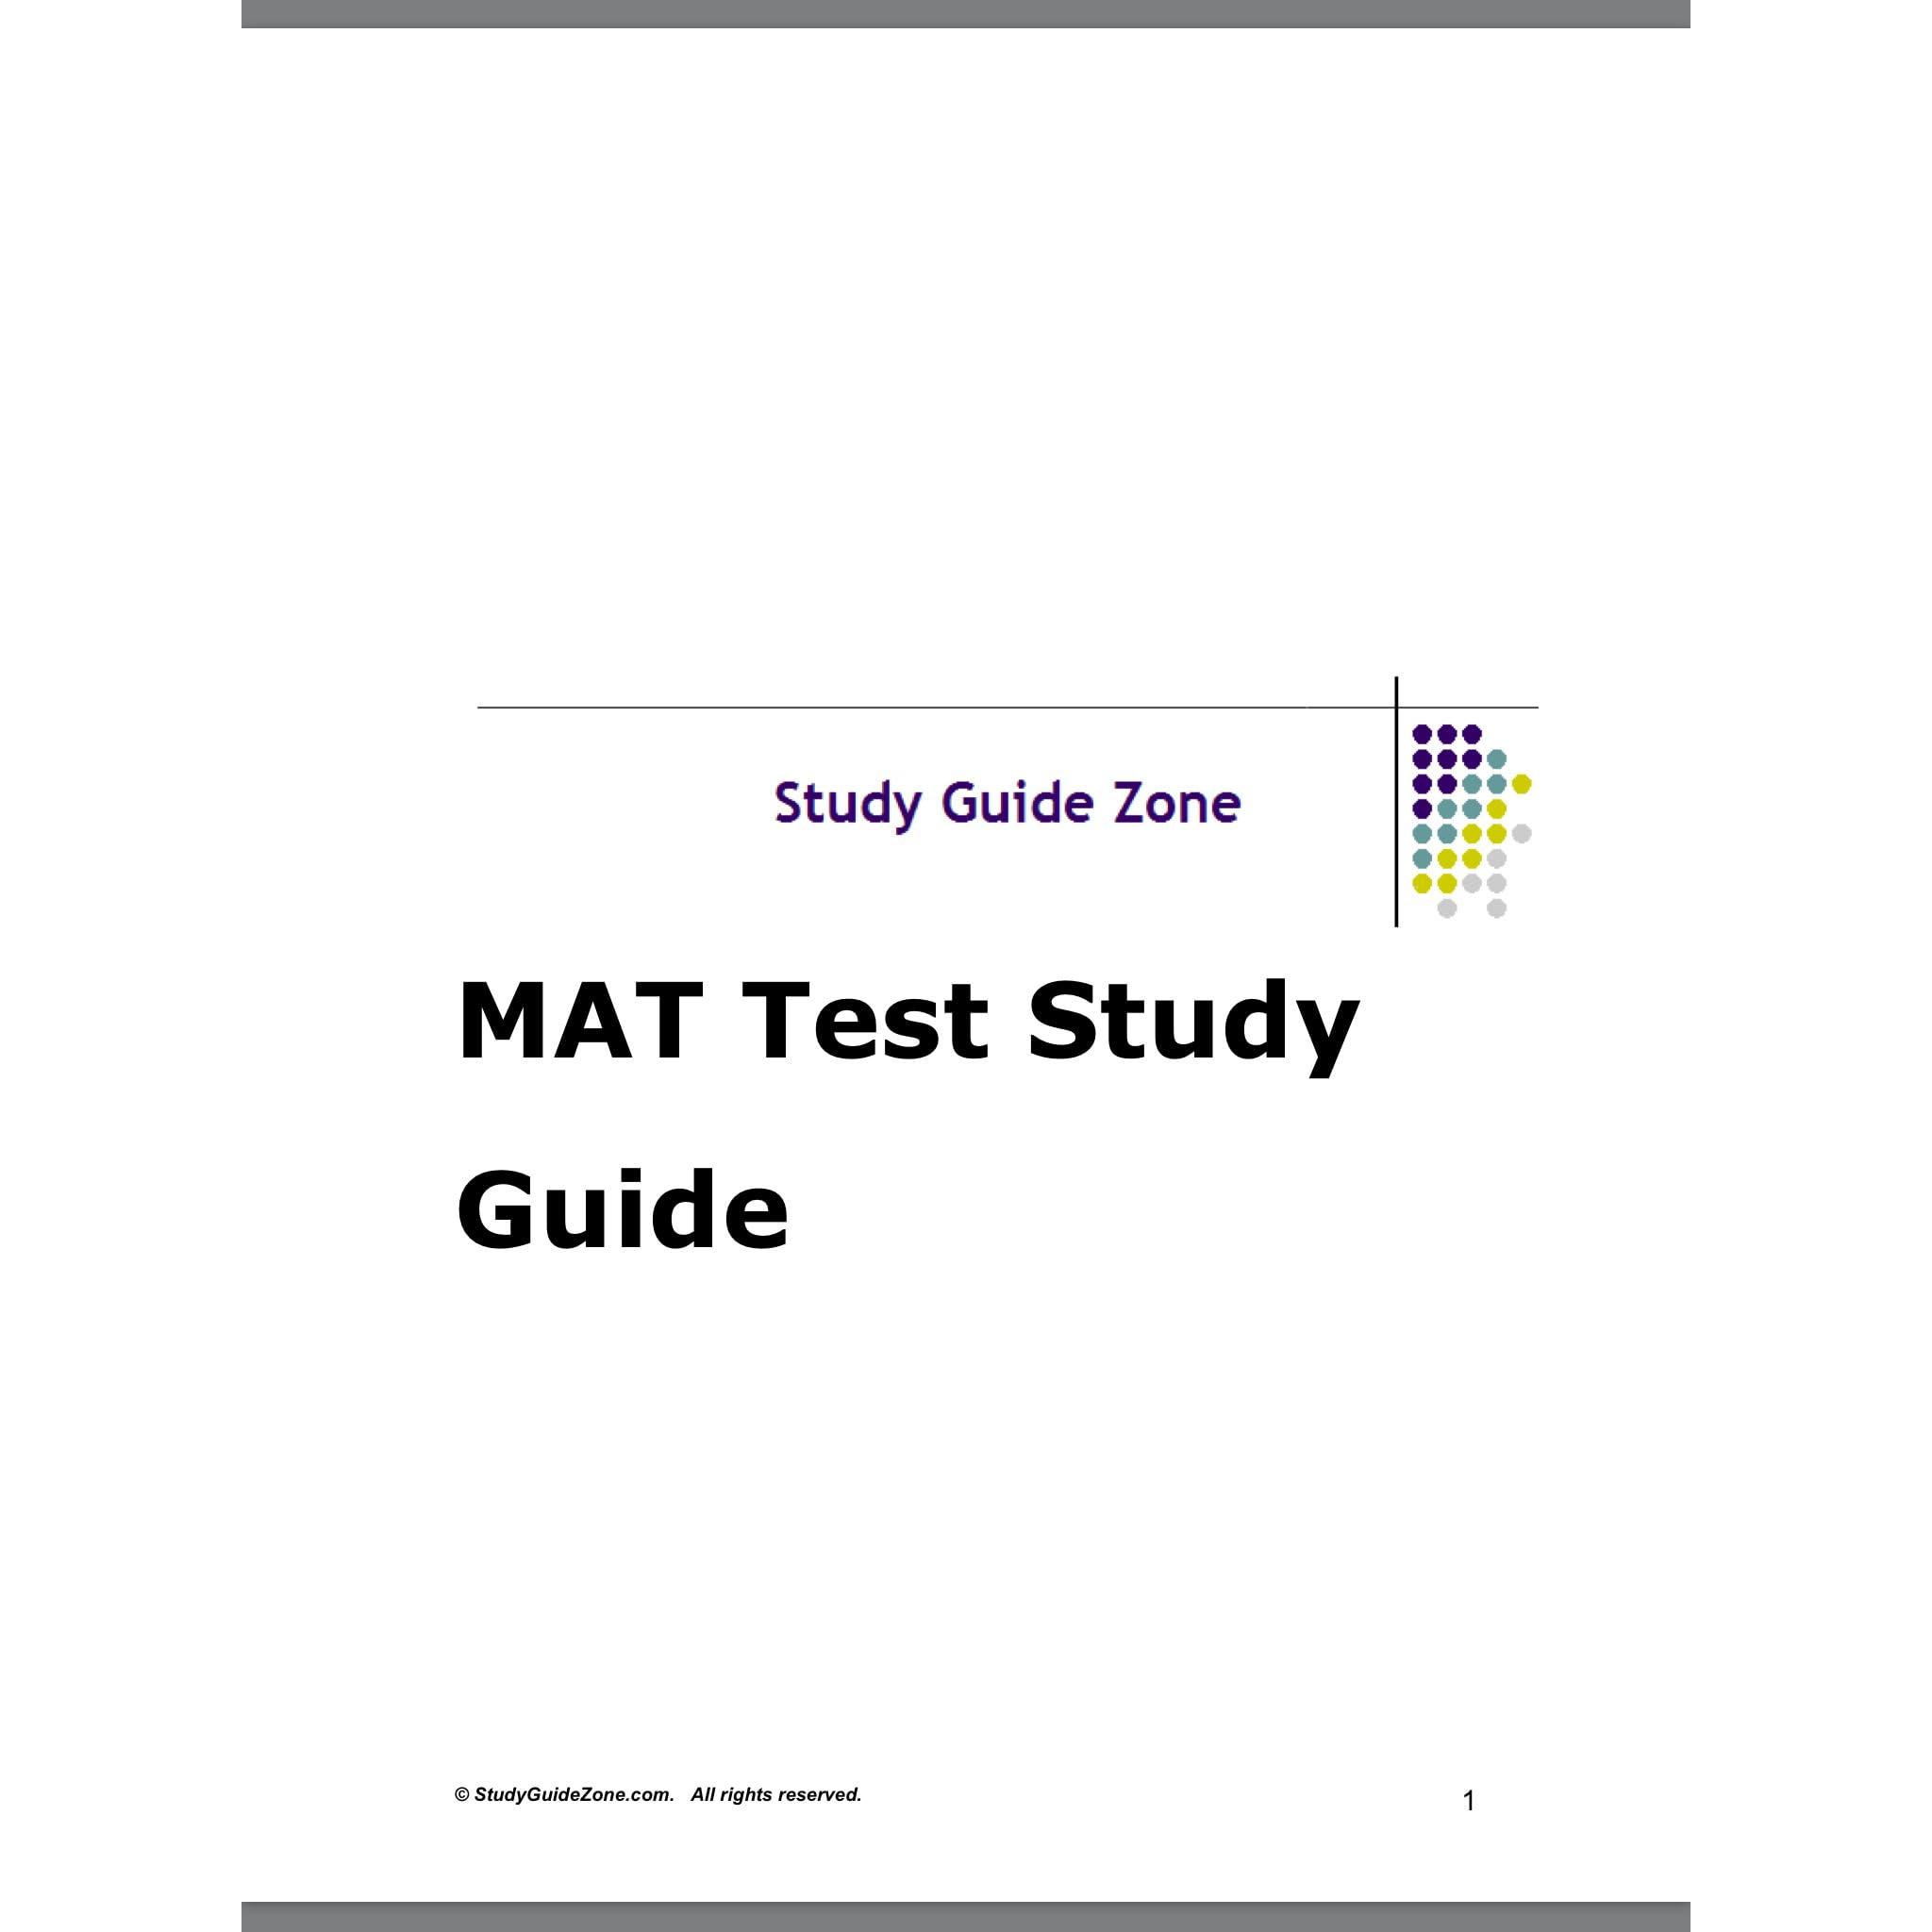 career guide benefits a guidance brands course mats employment of mat doing study student management